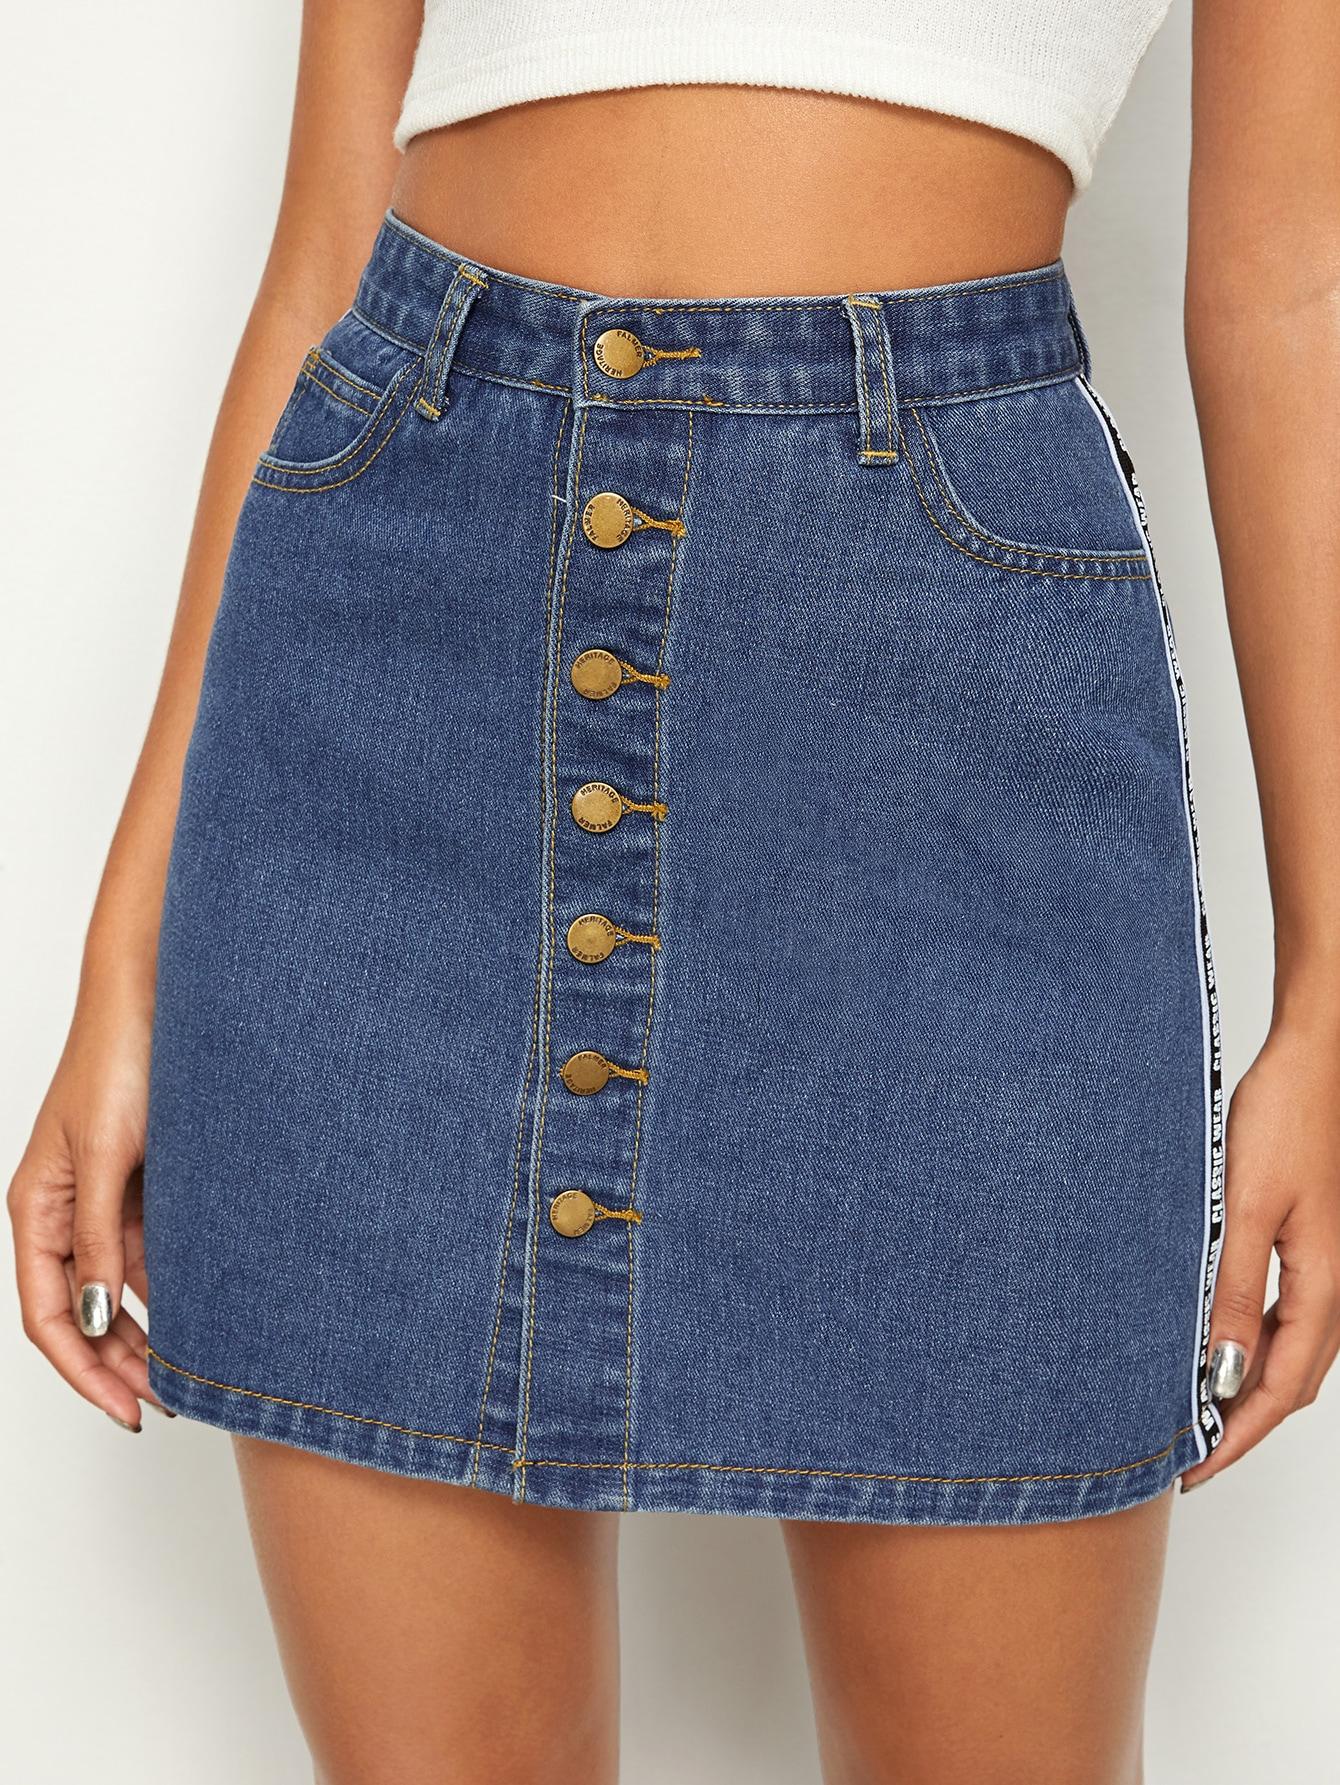 Фото - Джинсовая юбка на пуговицах с текстовой лентой от SheIn синего цвета